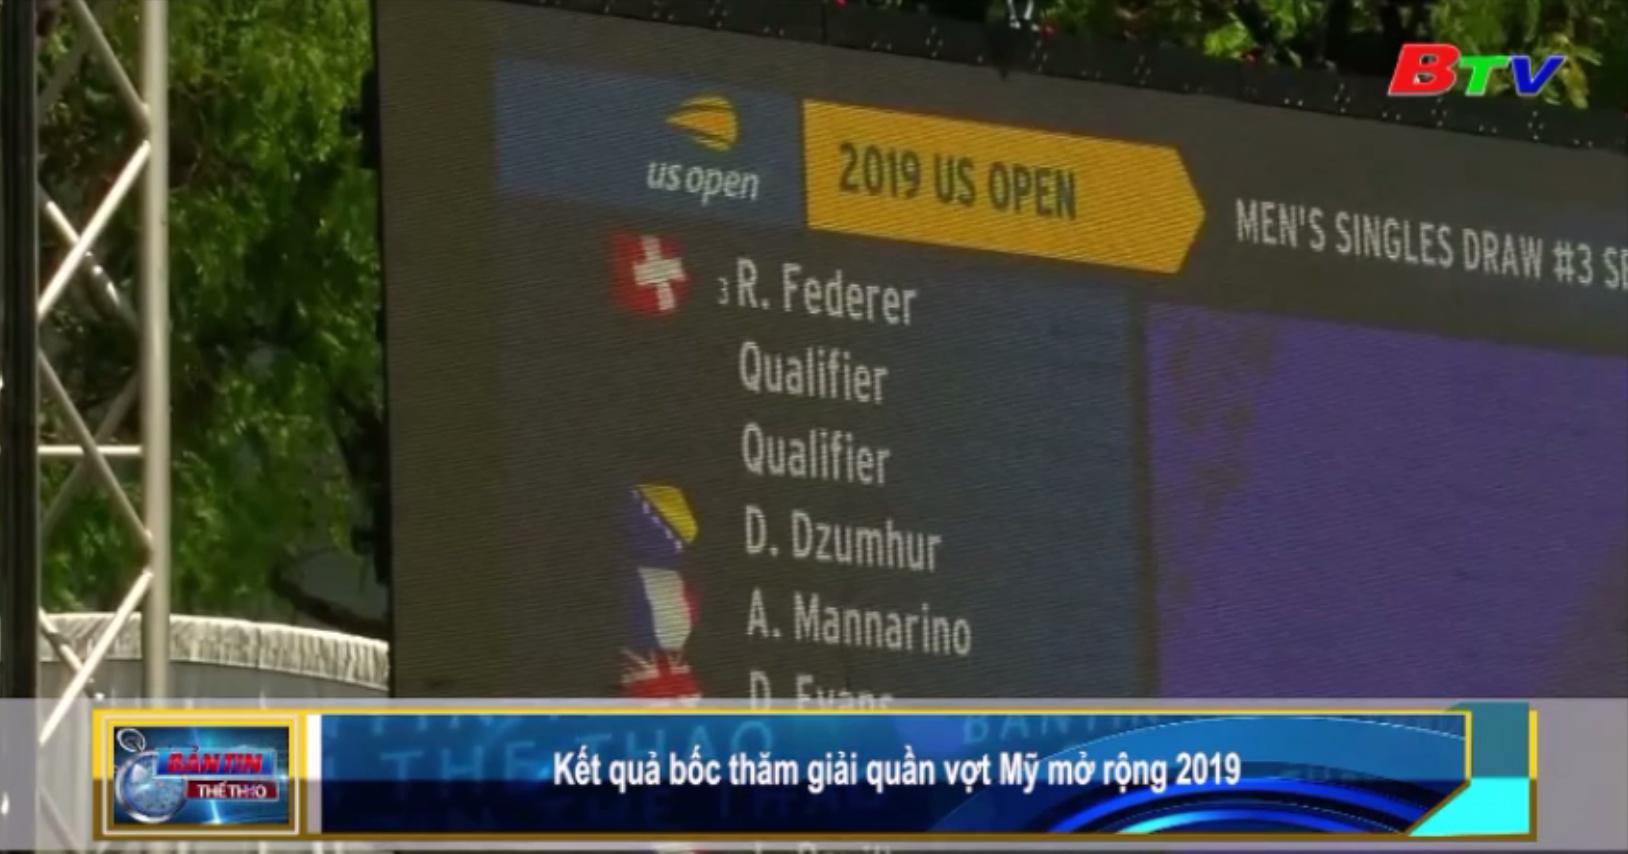 Kết quả bốc thăm Giải quần vợt Mỹ mở rộng 2019